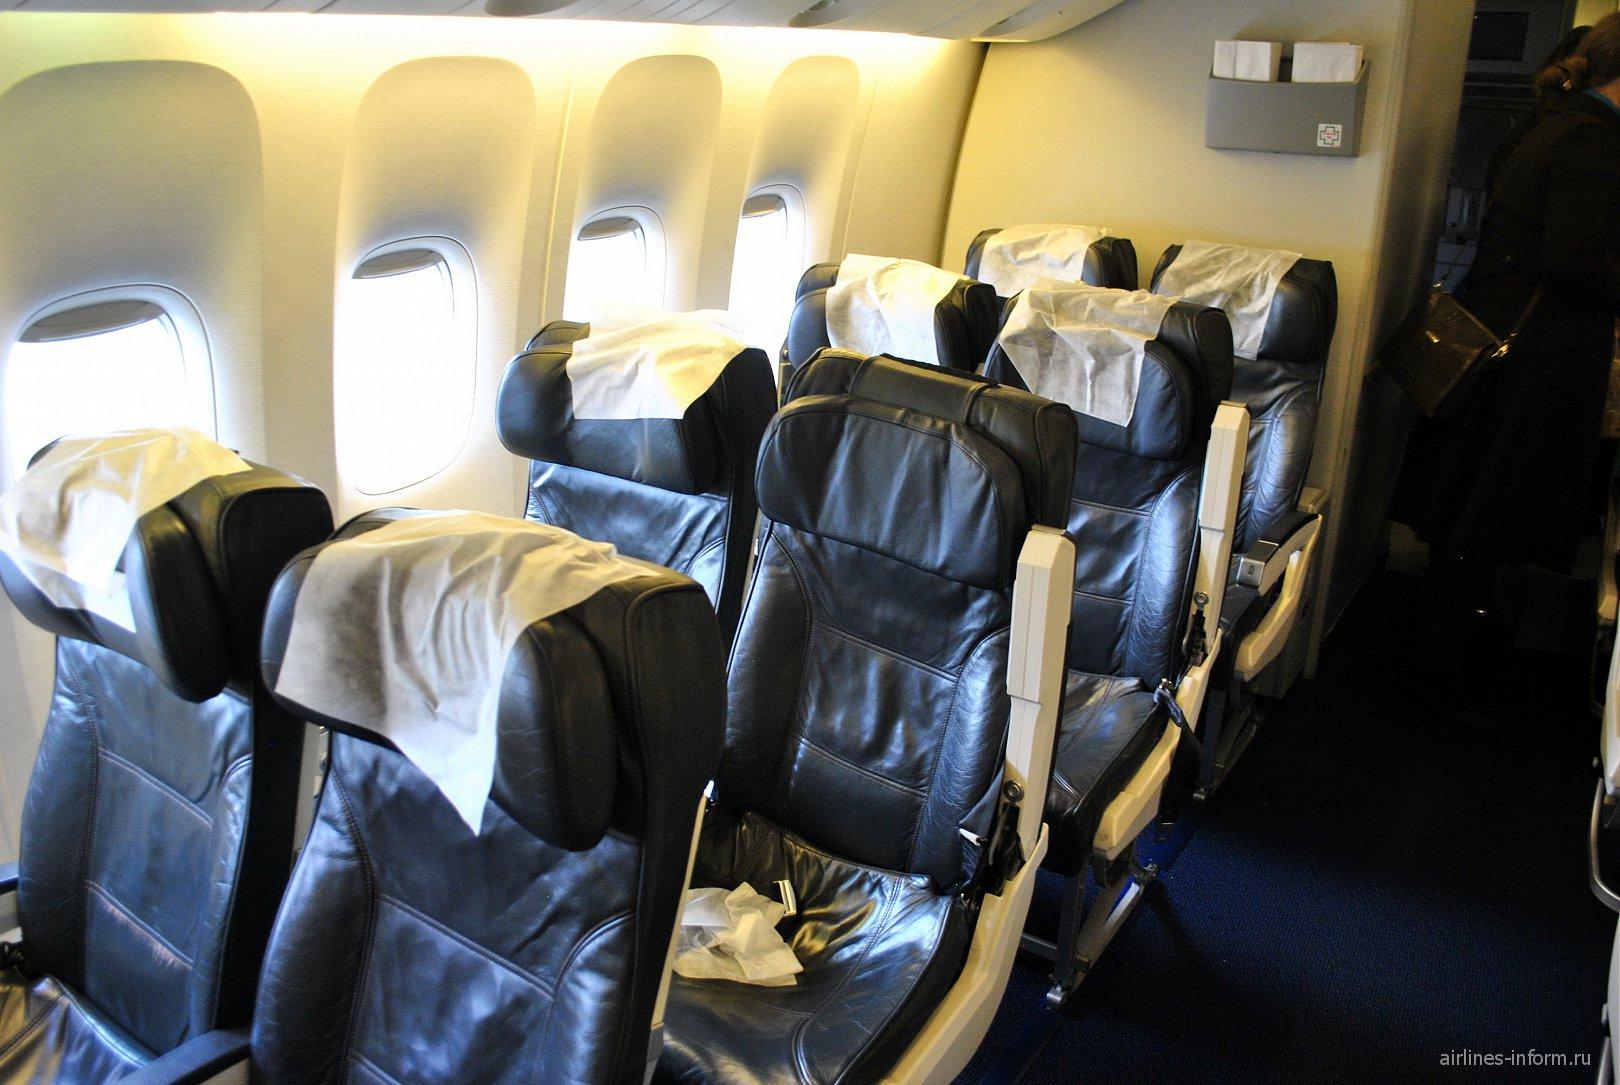 Пассажирские кресла в самолете Боинг-777-200 Оренбургских авиалиний